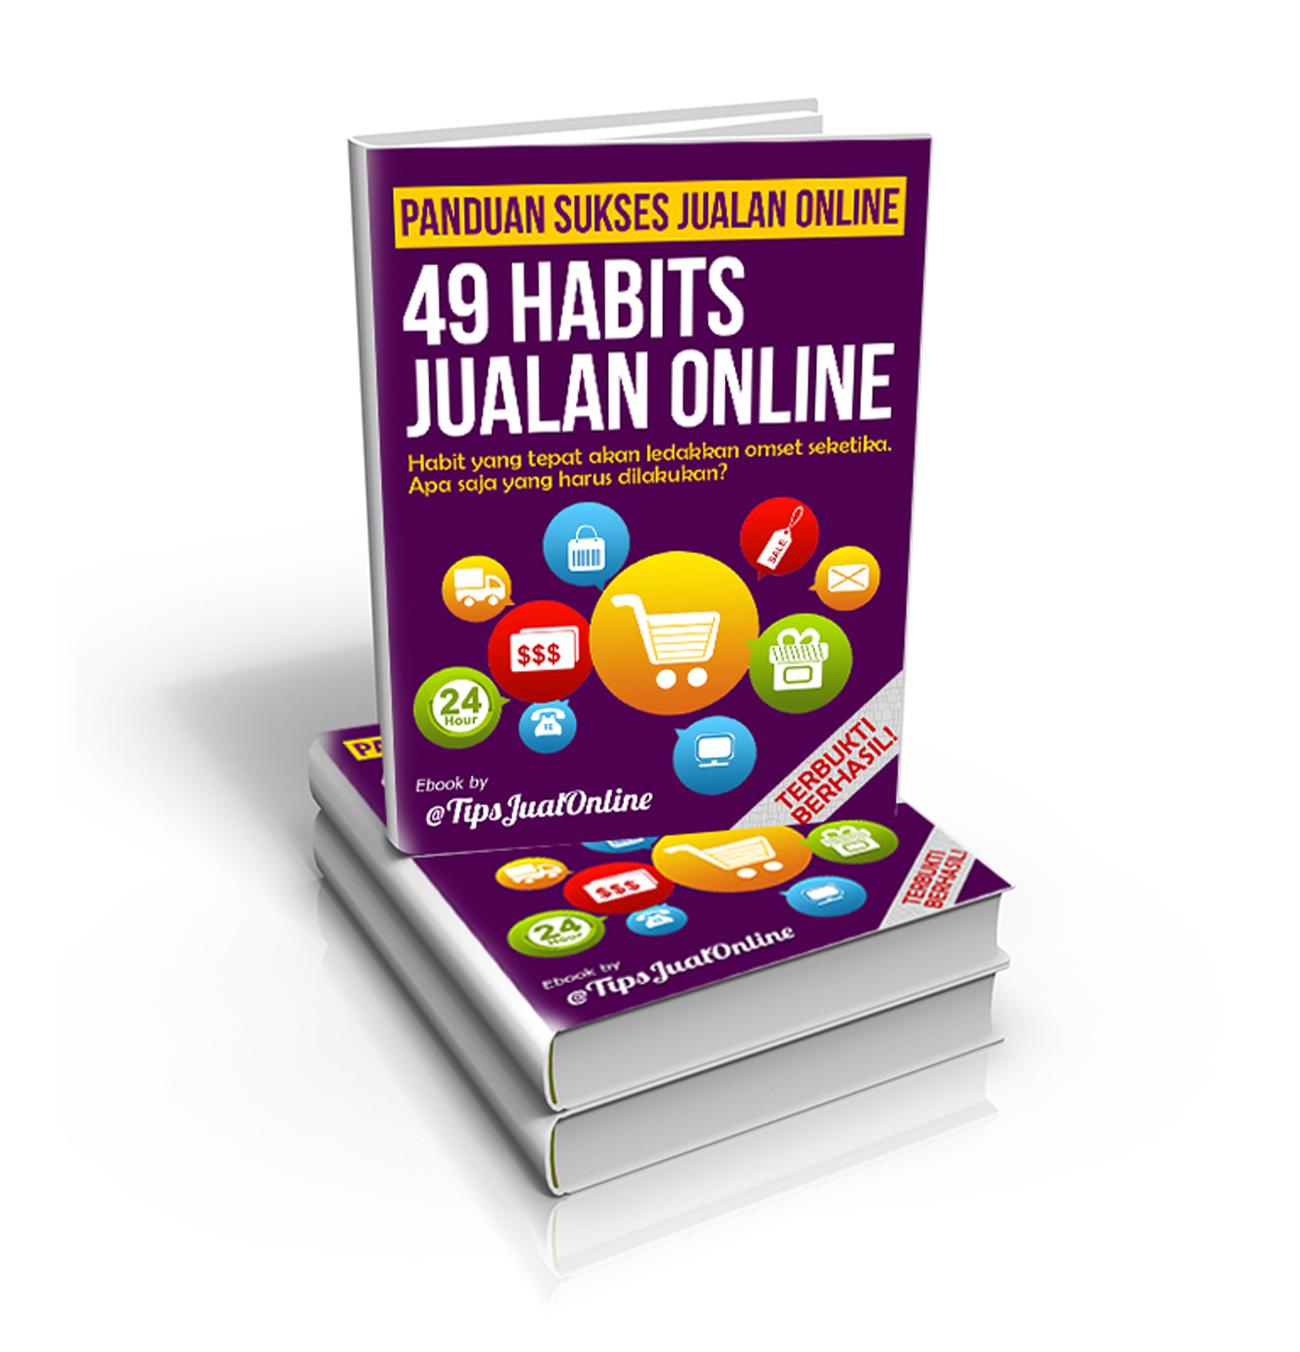 Panduan Lengkap Bisnis Ebook 49 Habits Jualan Online